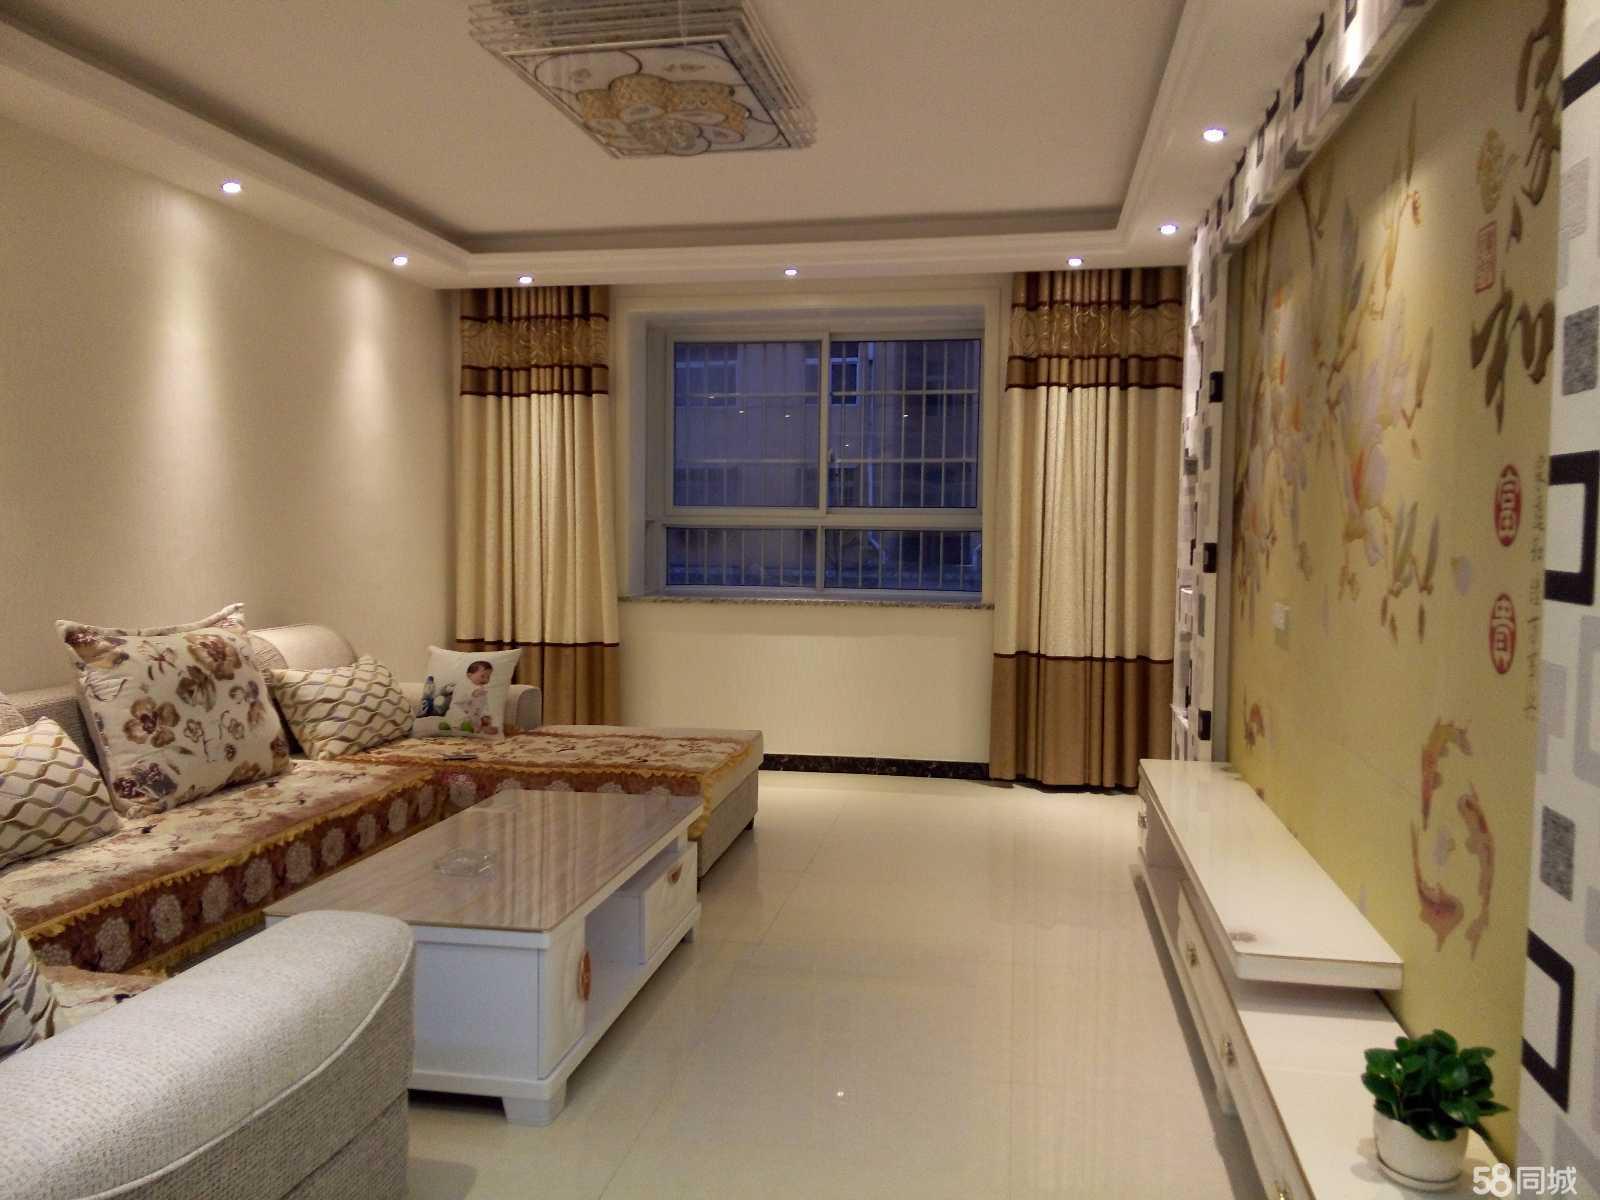 汝阳瑞云美景天城小区3室2厅2卫134平米新房